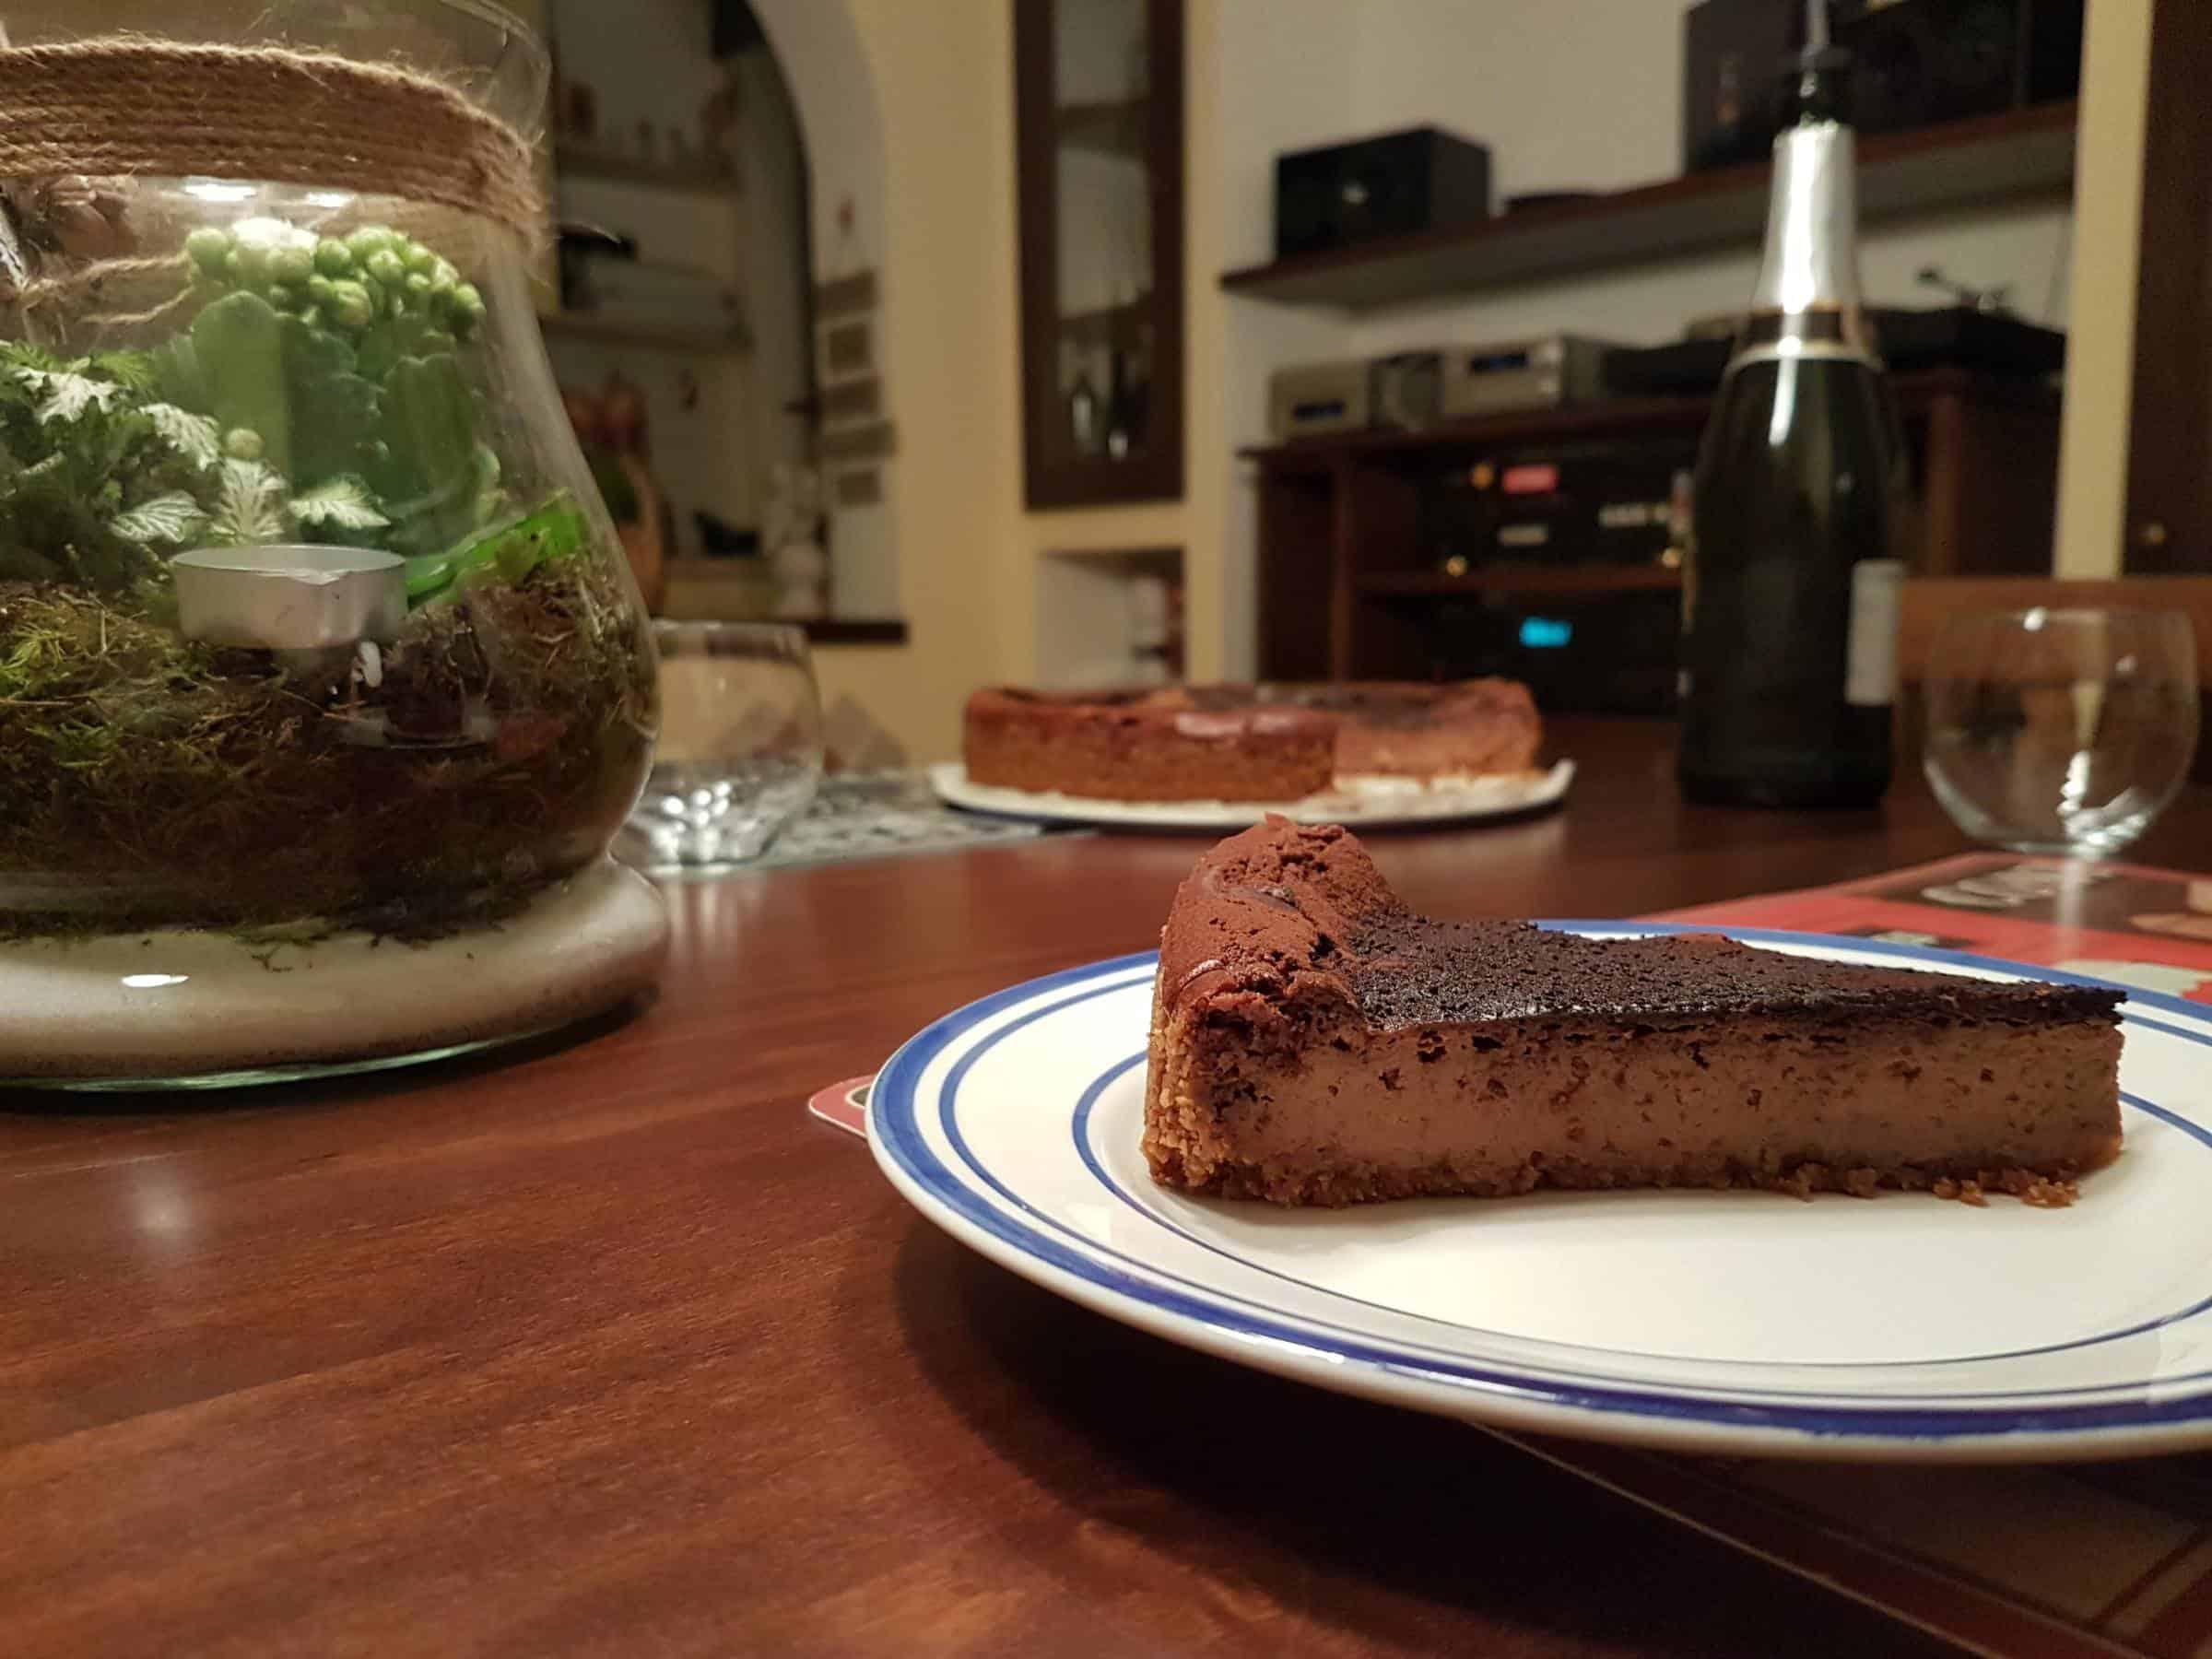 Cheesecake al cioccolato al profumo di zenzero